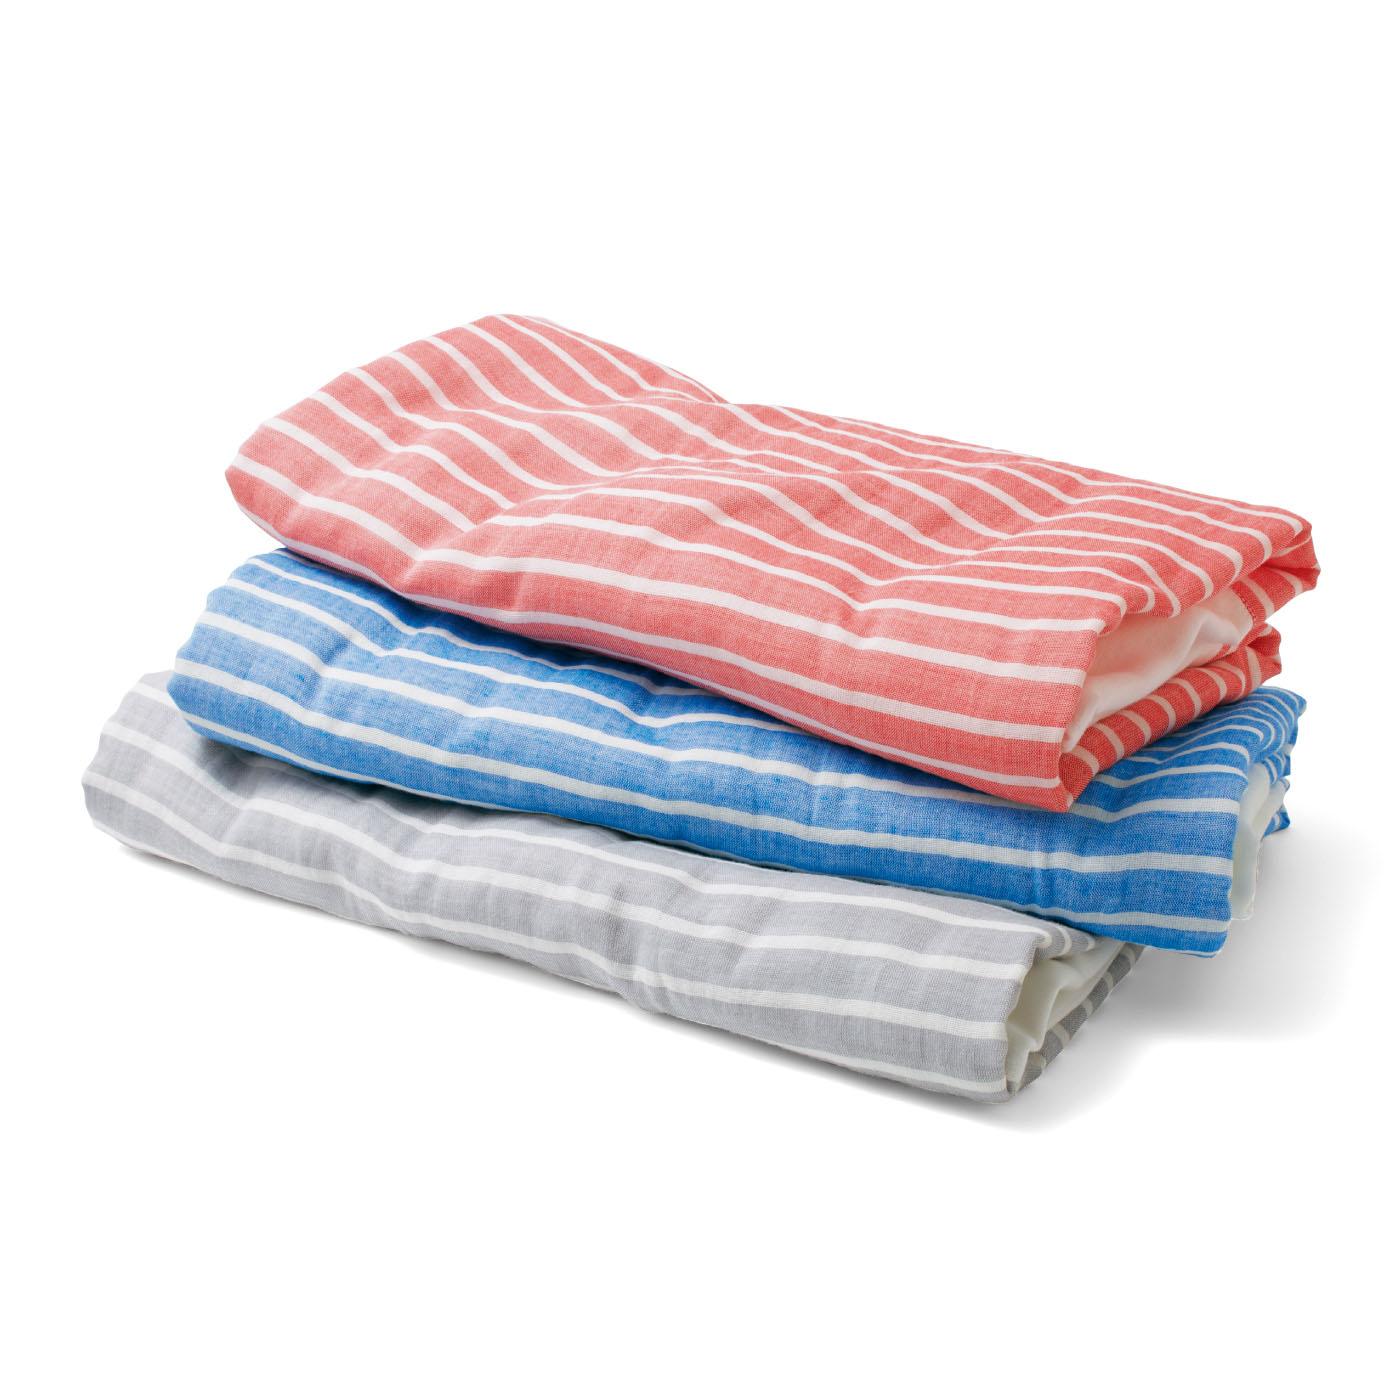 タオルよりも薄手で、たたむと四角く平らになるので、積み重ねて収納してもかさばりません。